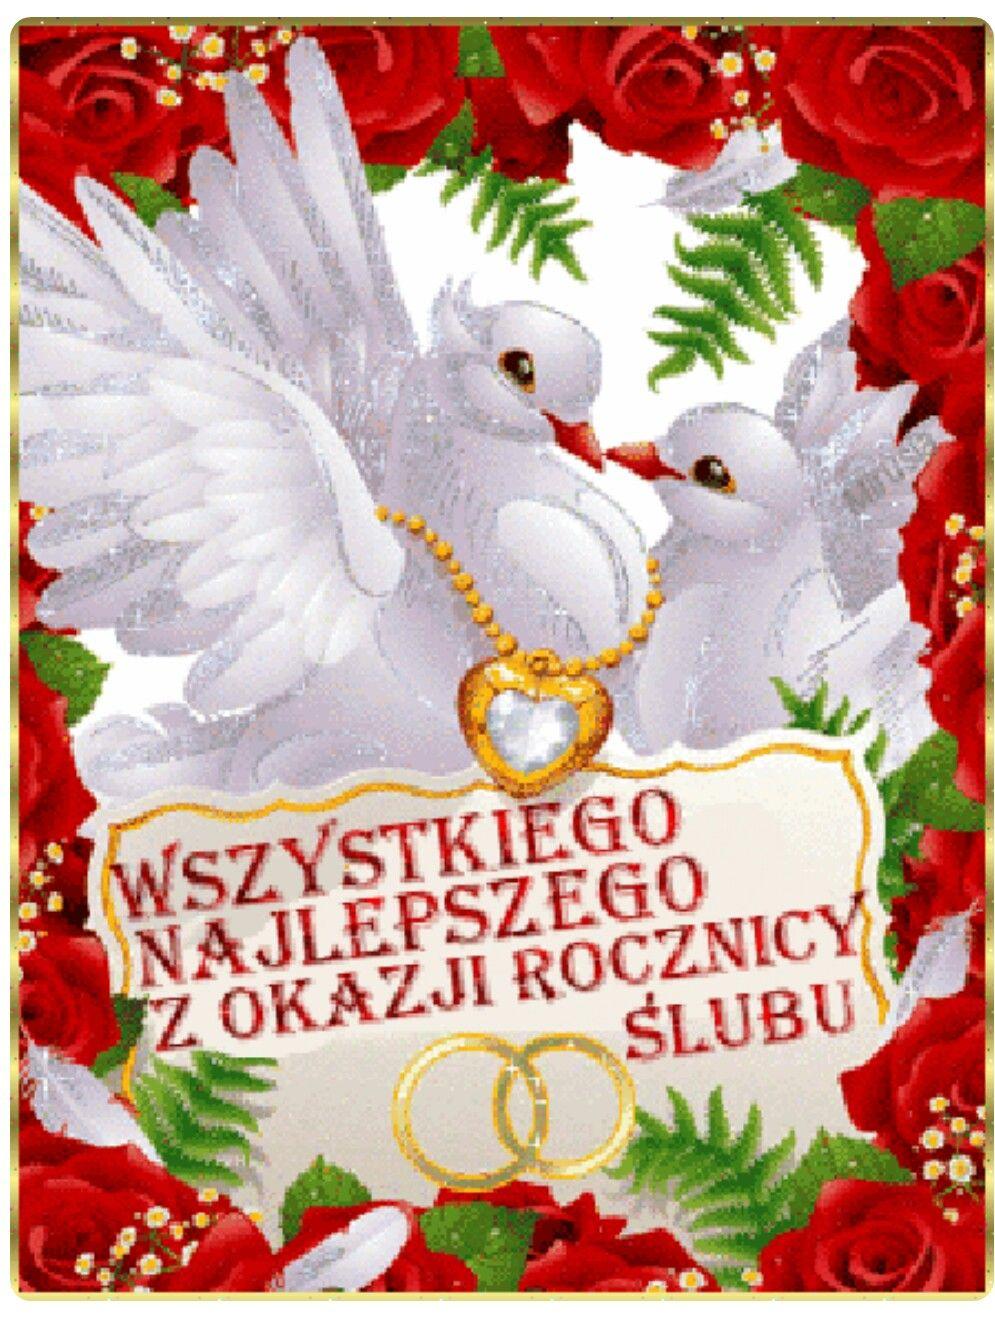 Pin By Irena Adamczyk On Gifki Ozdoby Swiateczne Slub Rocznica